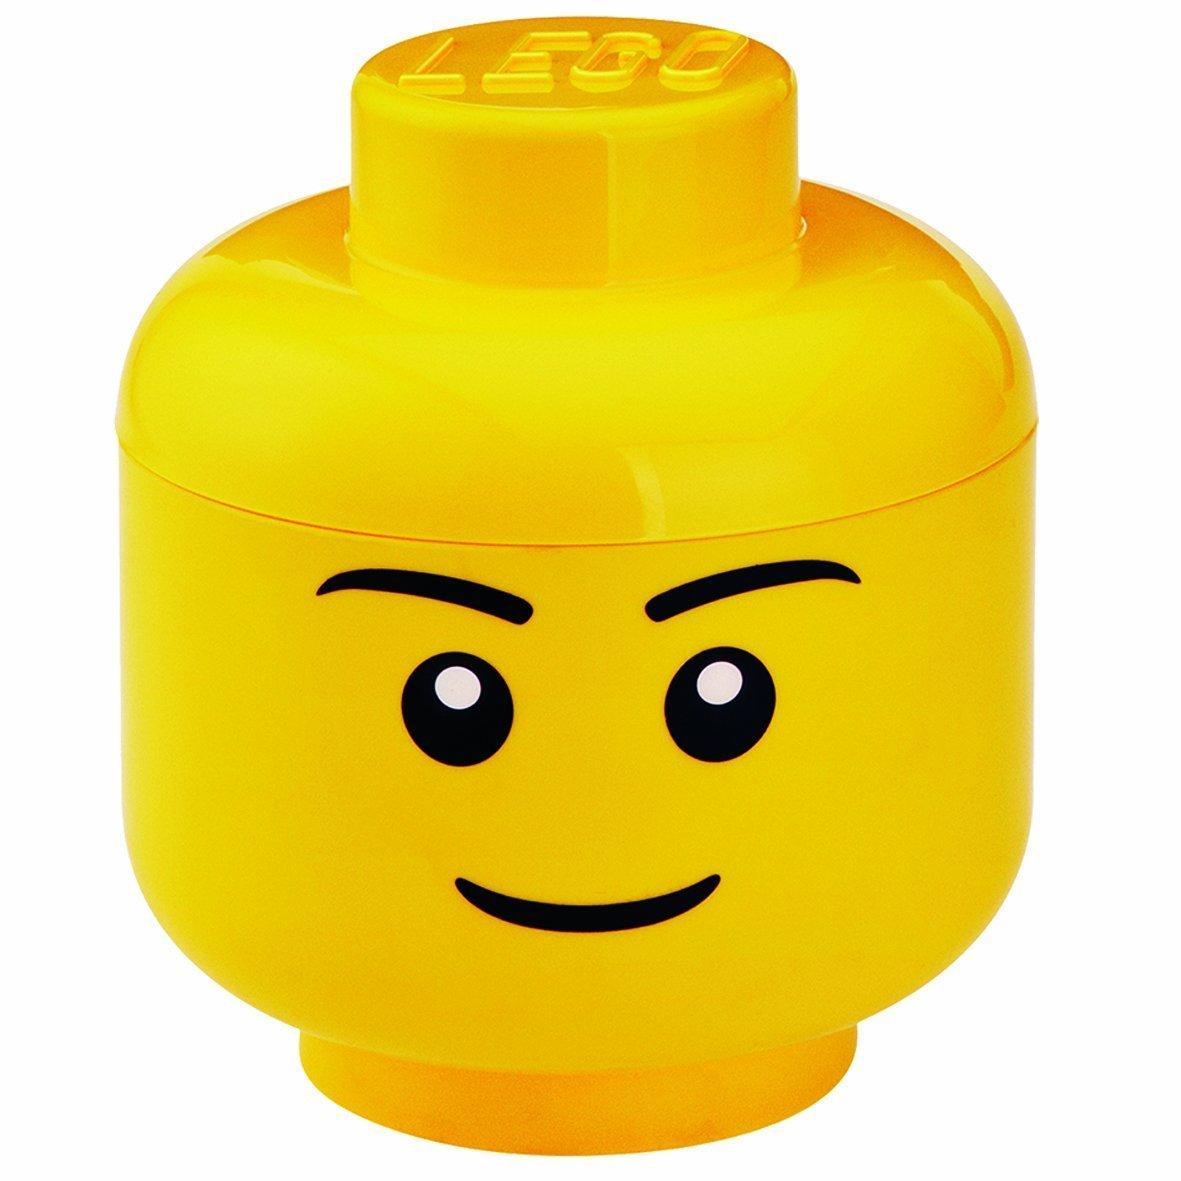 LEGO: Storage Small Head - Boy image